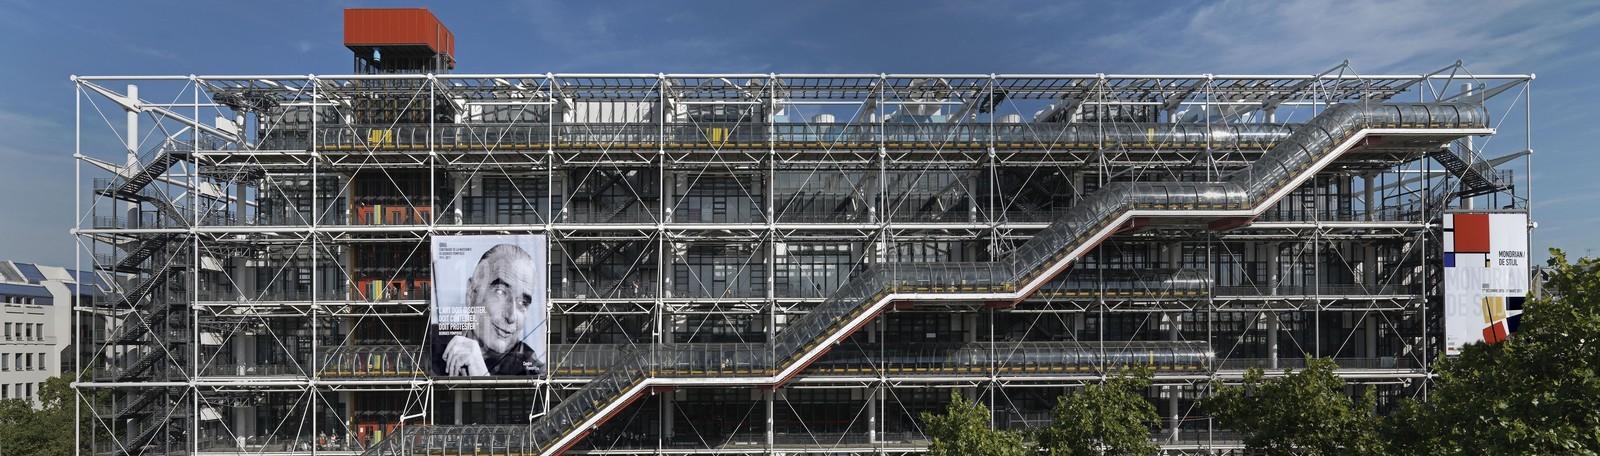 Car Park Paris Pompidou center